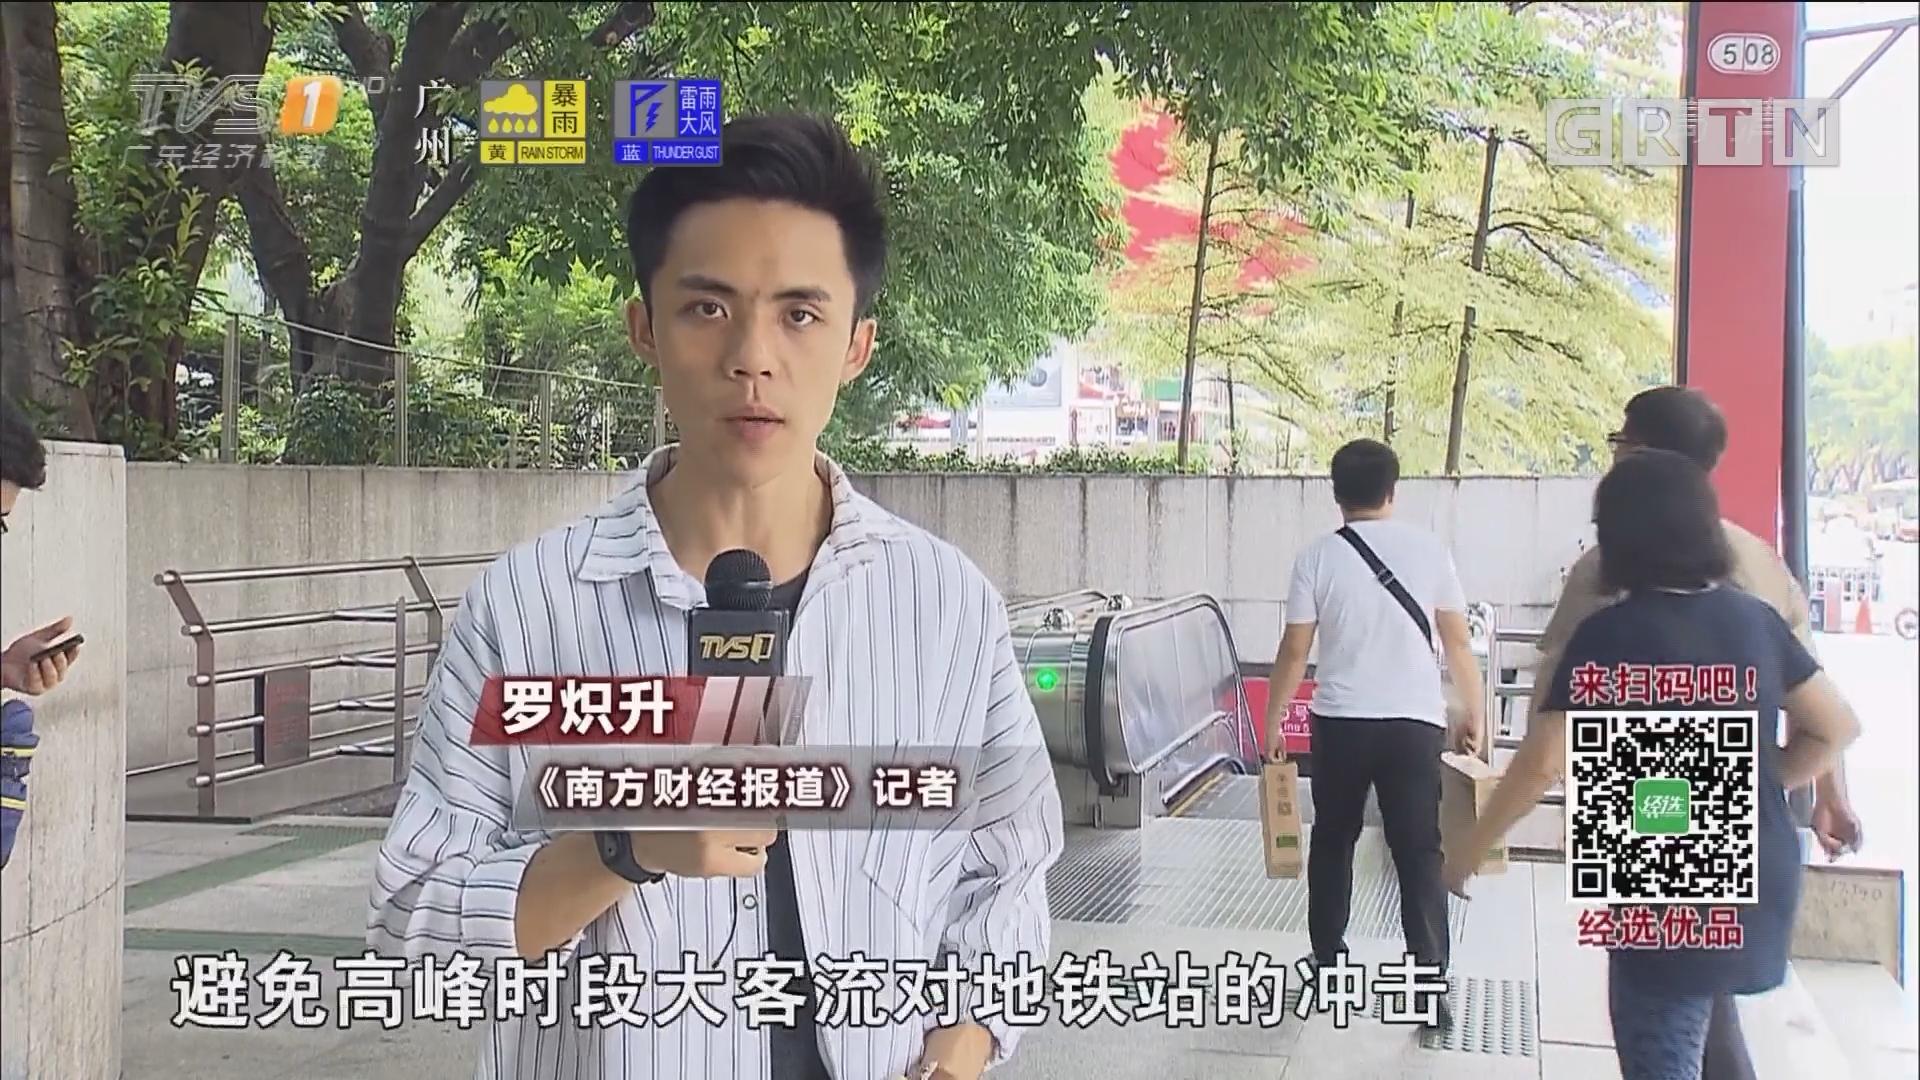 本土视线:广州地铁站外安检好不好?